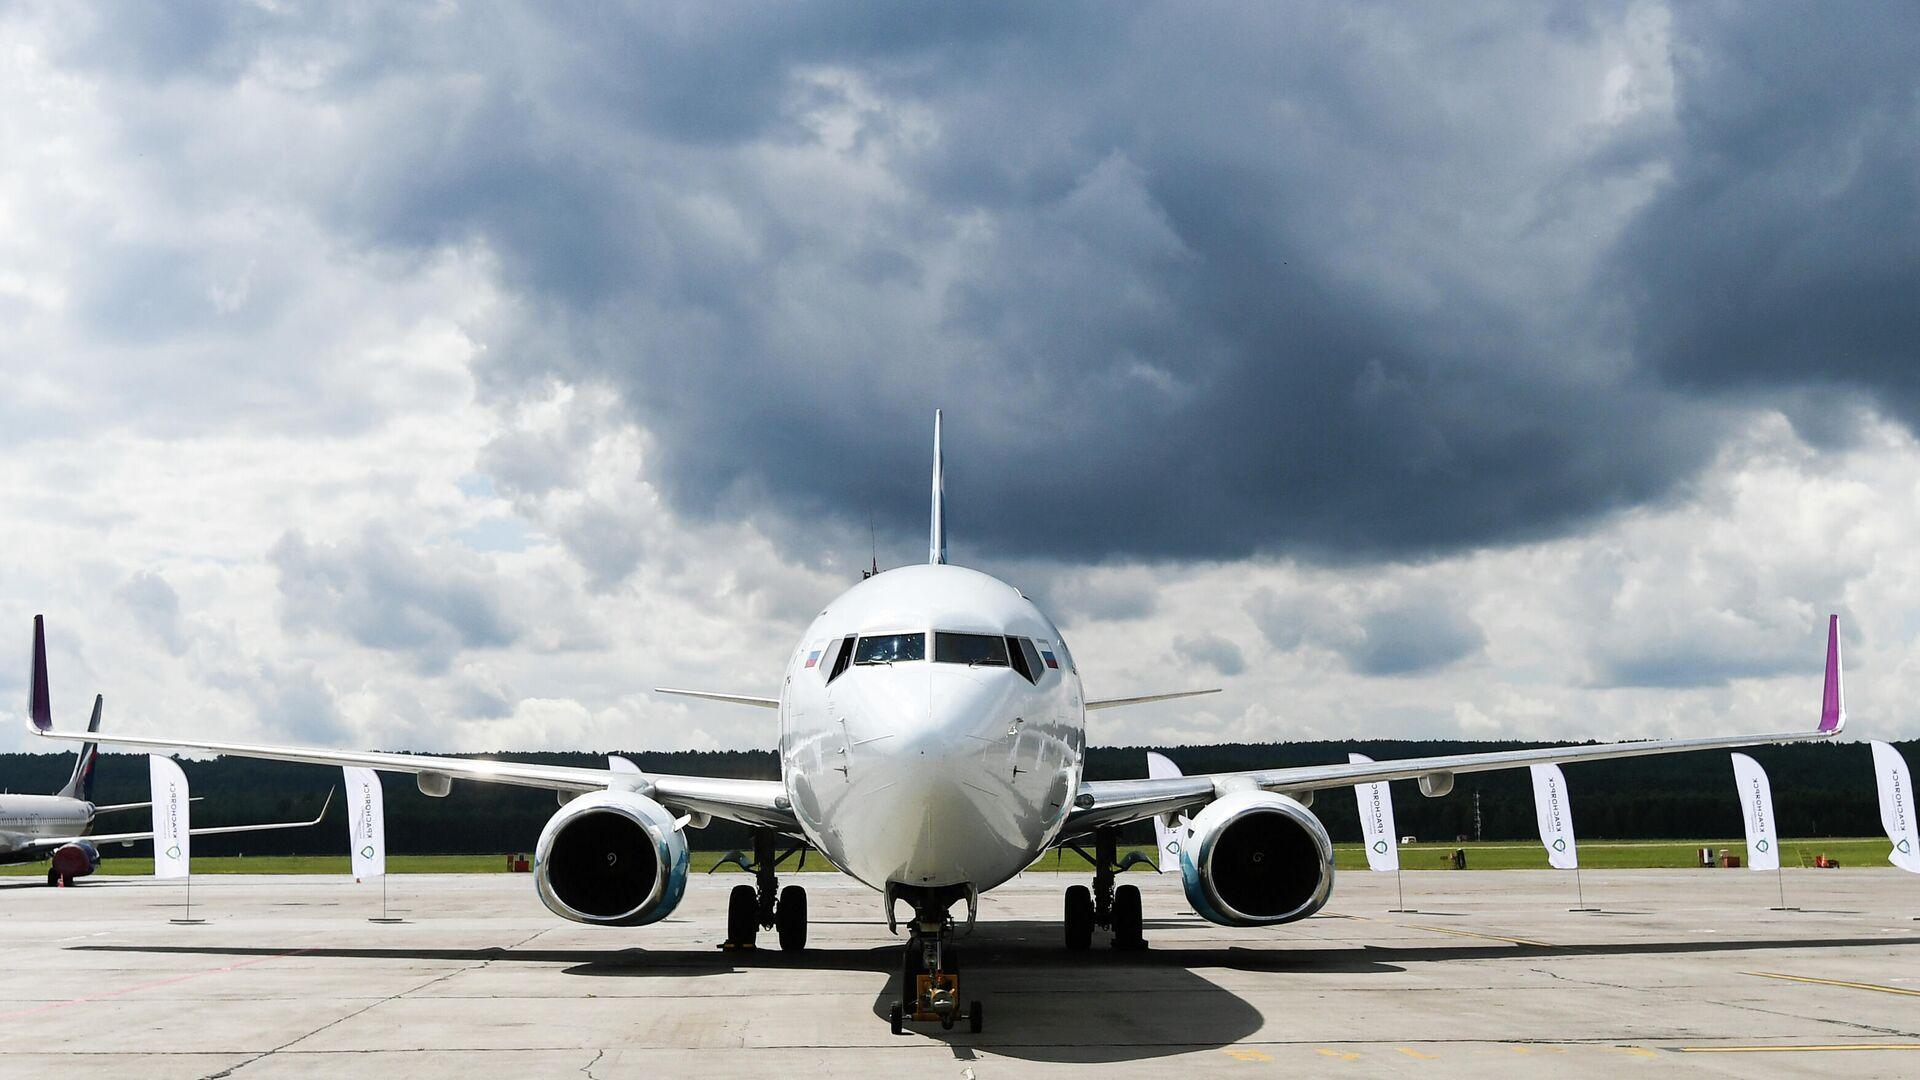 65-тонный самолет Boeing 737-800 авиакомпании NordStar, подготовленный для установки нового рекорда России по трек-пулу Иннокентием Веселовым в Красноярске, Россия - РИА Новости, 1920, 05.08.2021